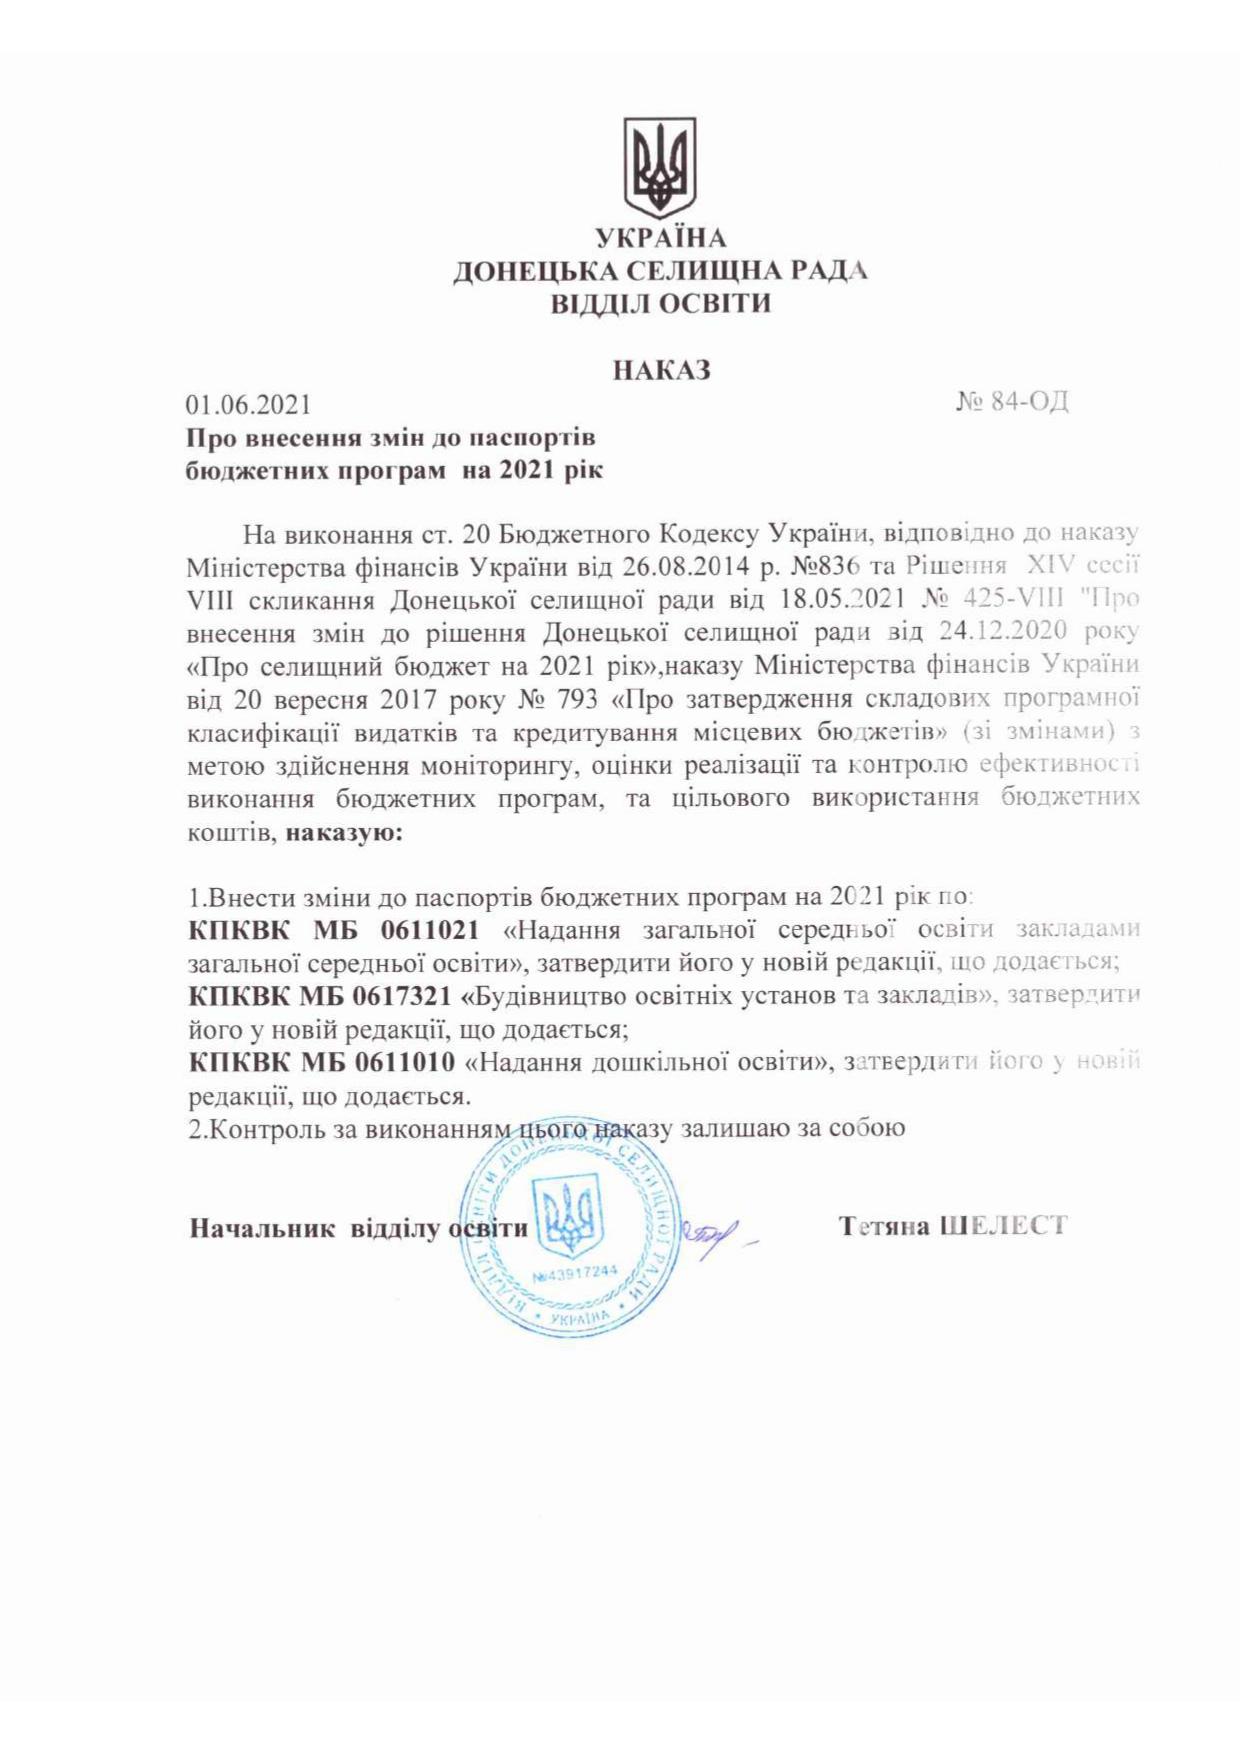 Наказ №84-ОД Про внесення змін до паспортів бюджетних програм на 2021 рік та ПАСПОРТИ бюджетних програм